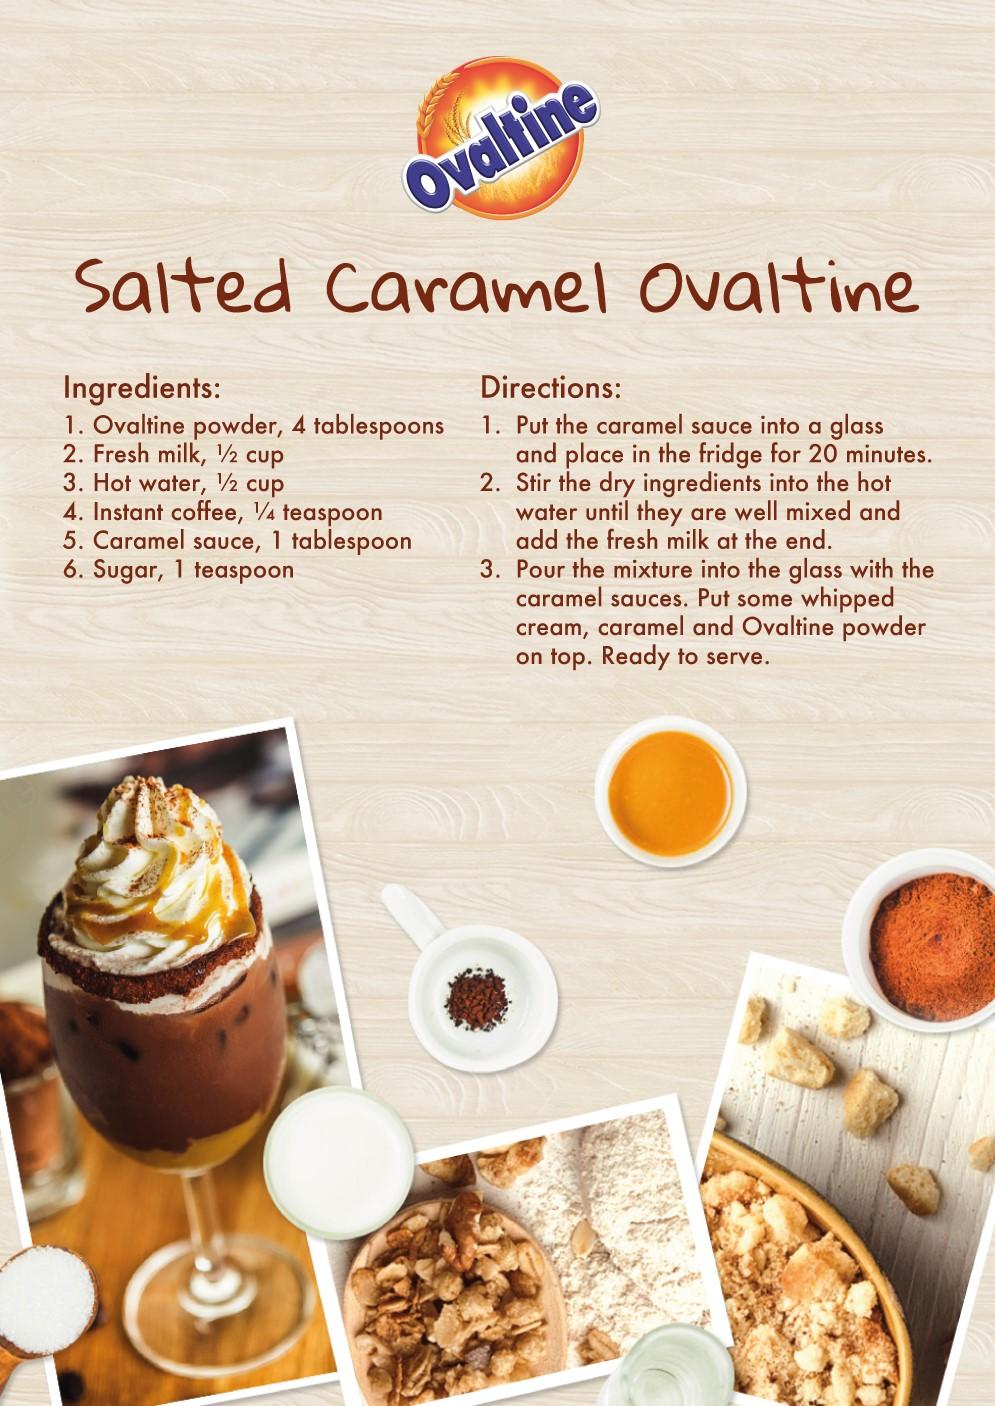 Ovaltine Caramel Ovaltine Recipe .jpg